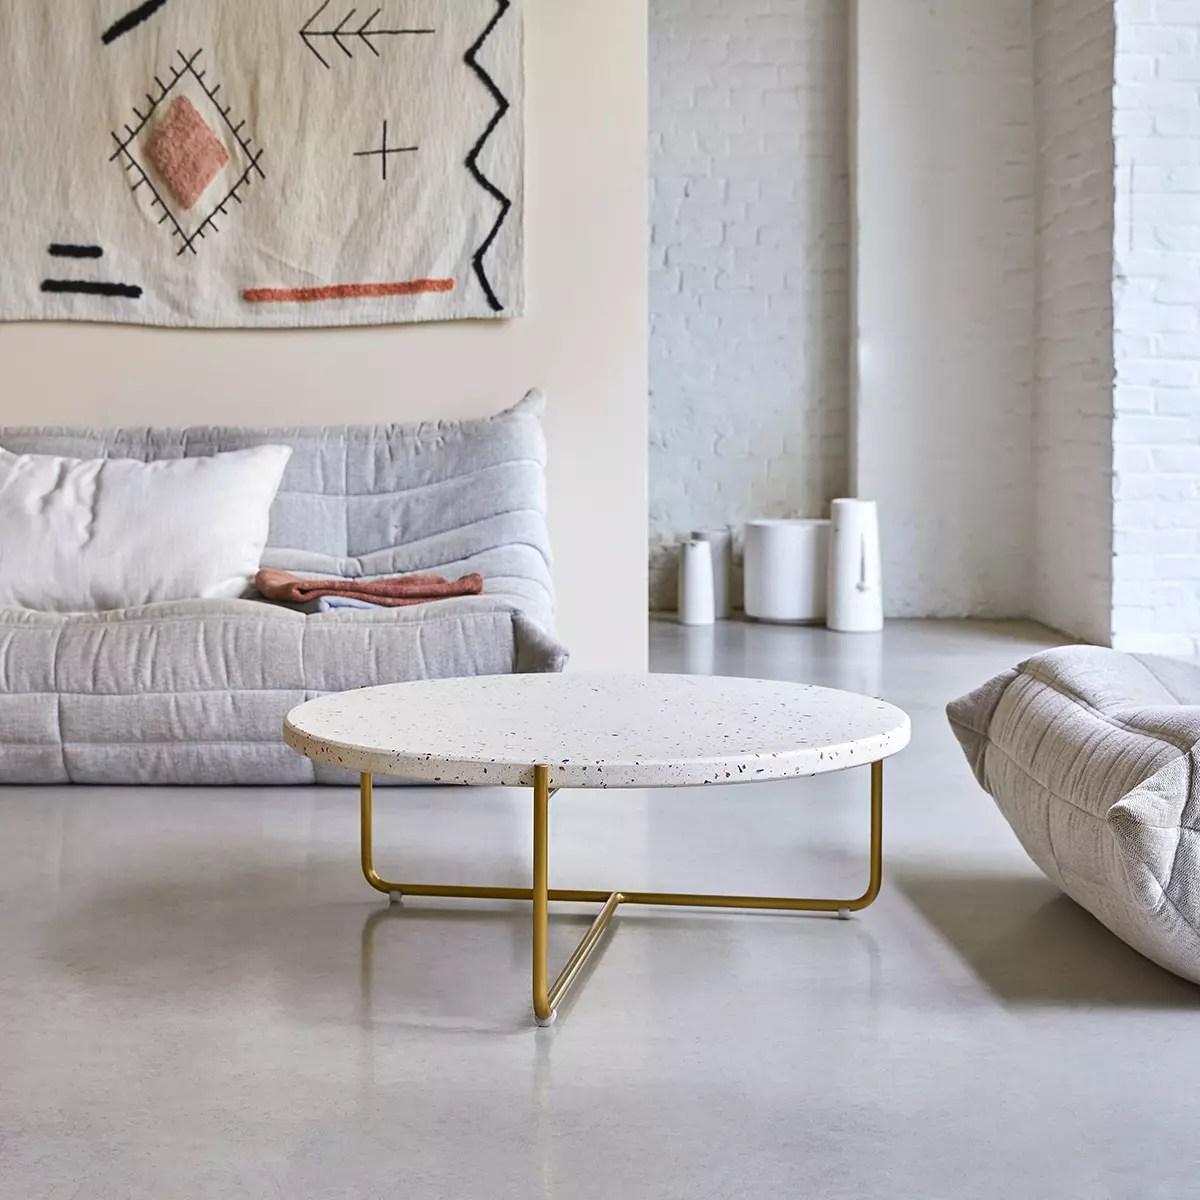 table basse en metal et terrazzo 80 anatole confetti